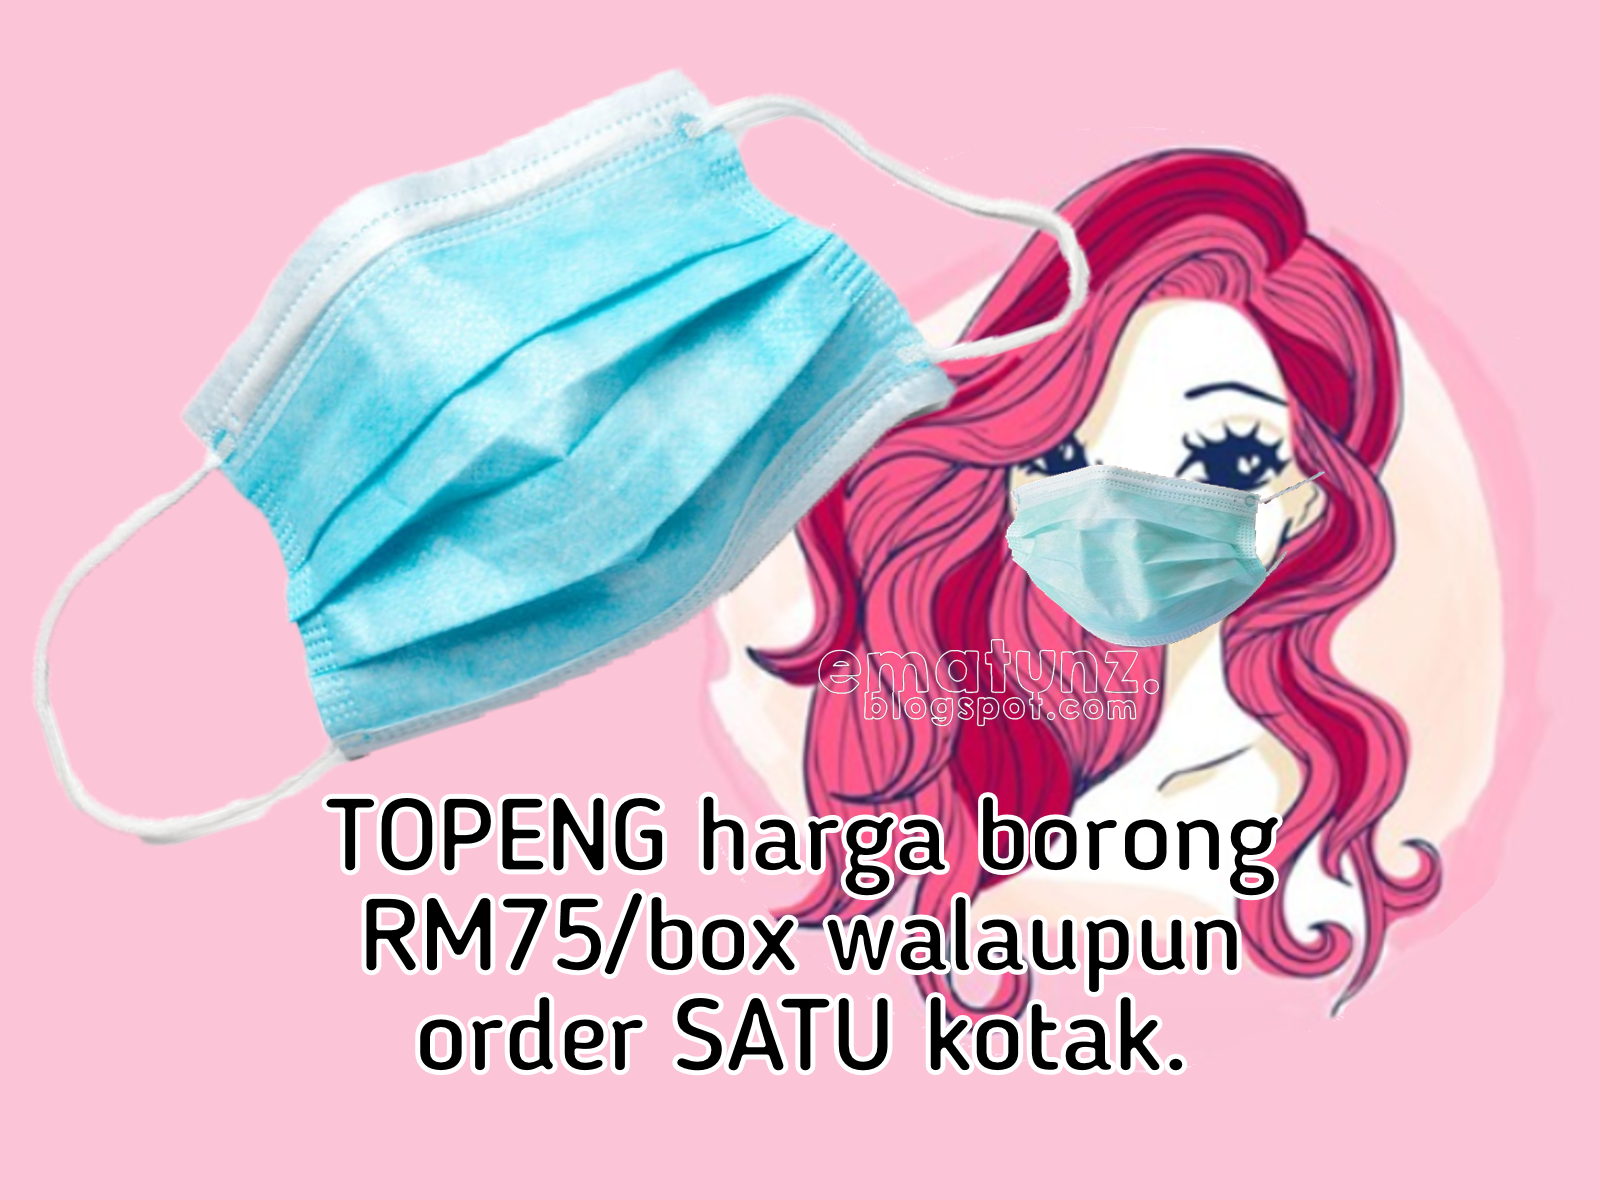 Mengarut harga topeng sekarang RM150/box! Pre order sini RM75/box walaupun beli SATU box.